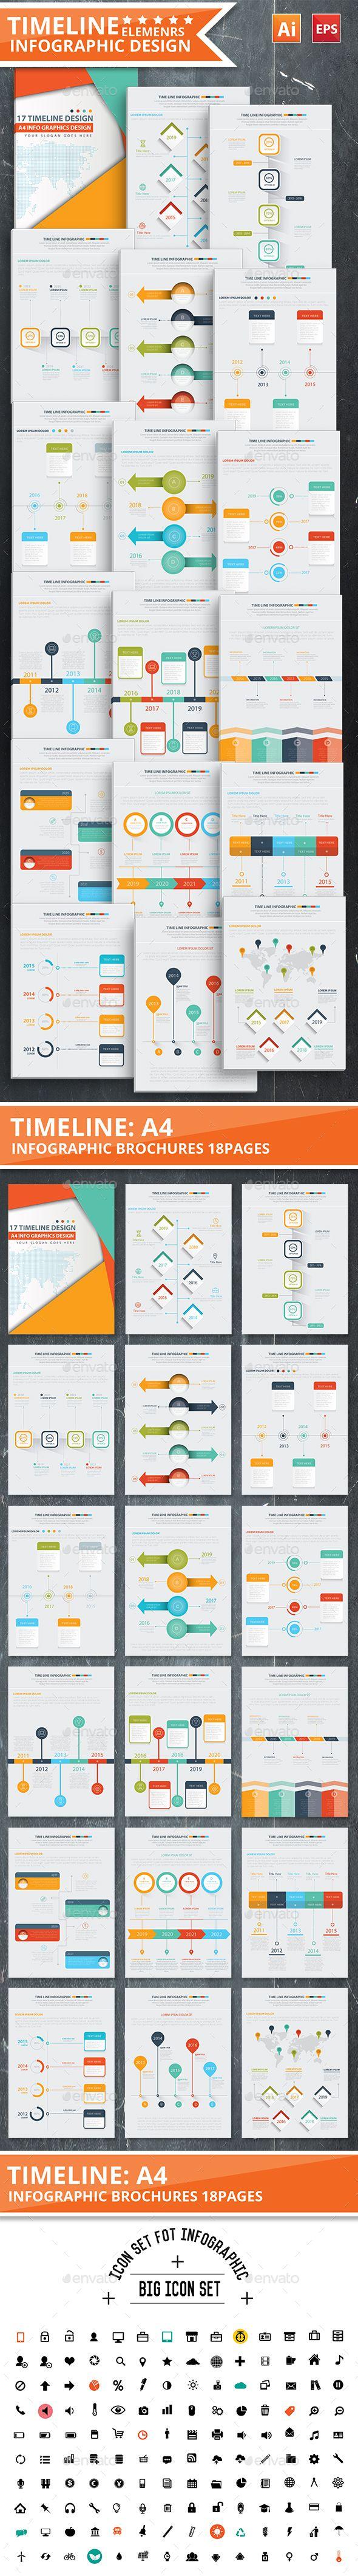 Best timeline infographic design